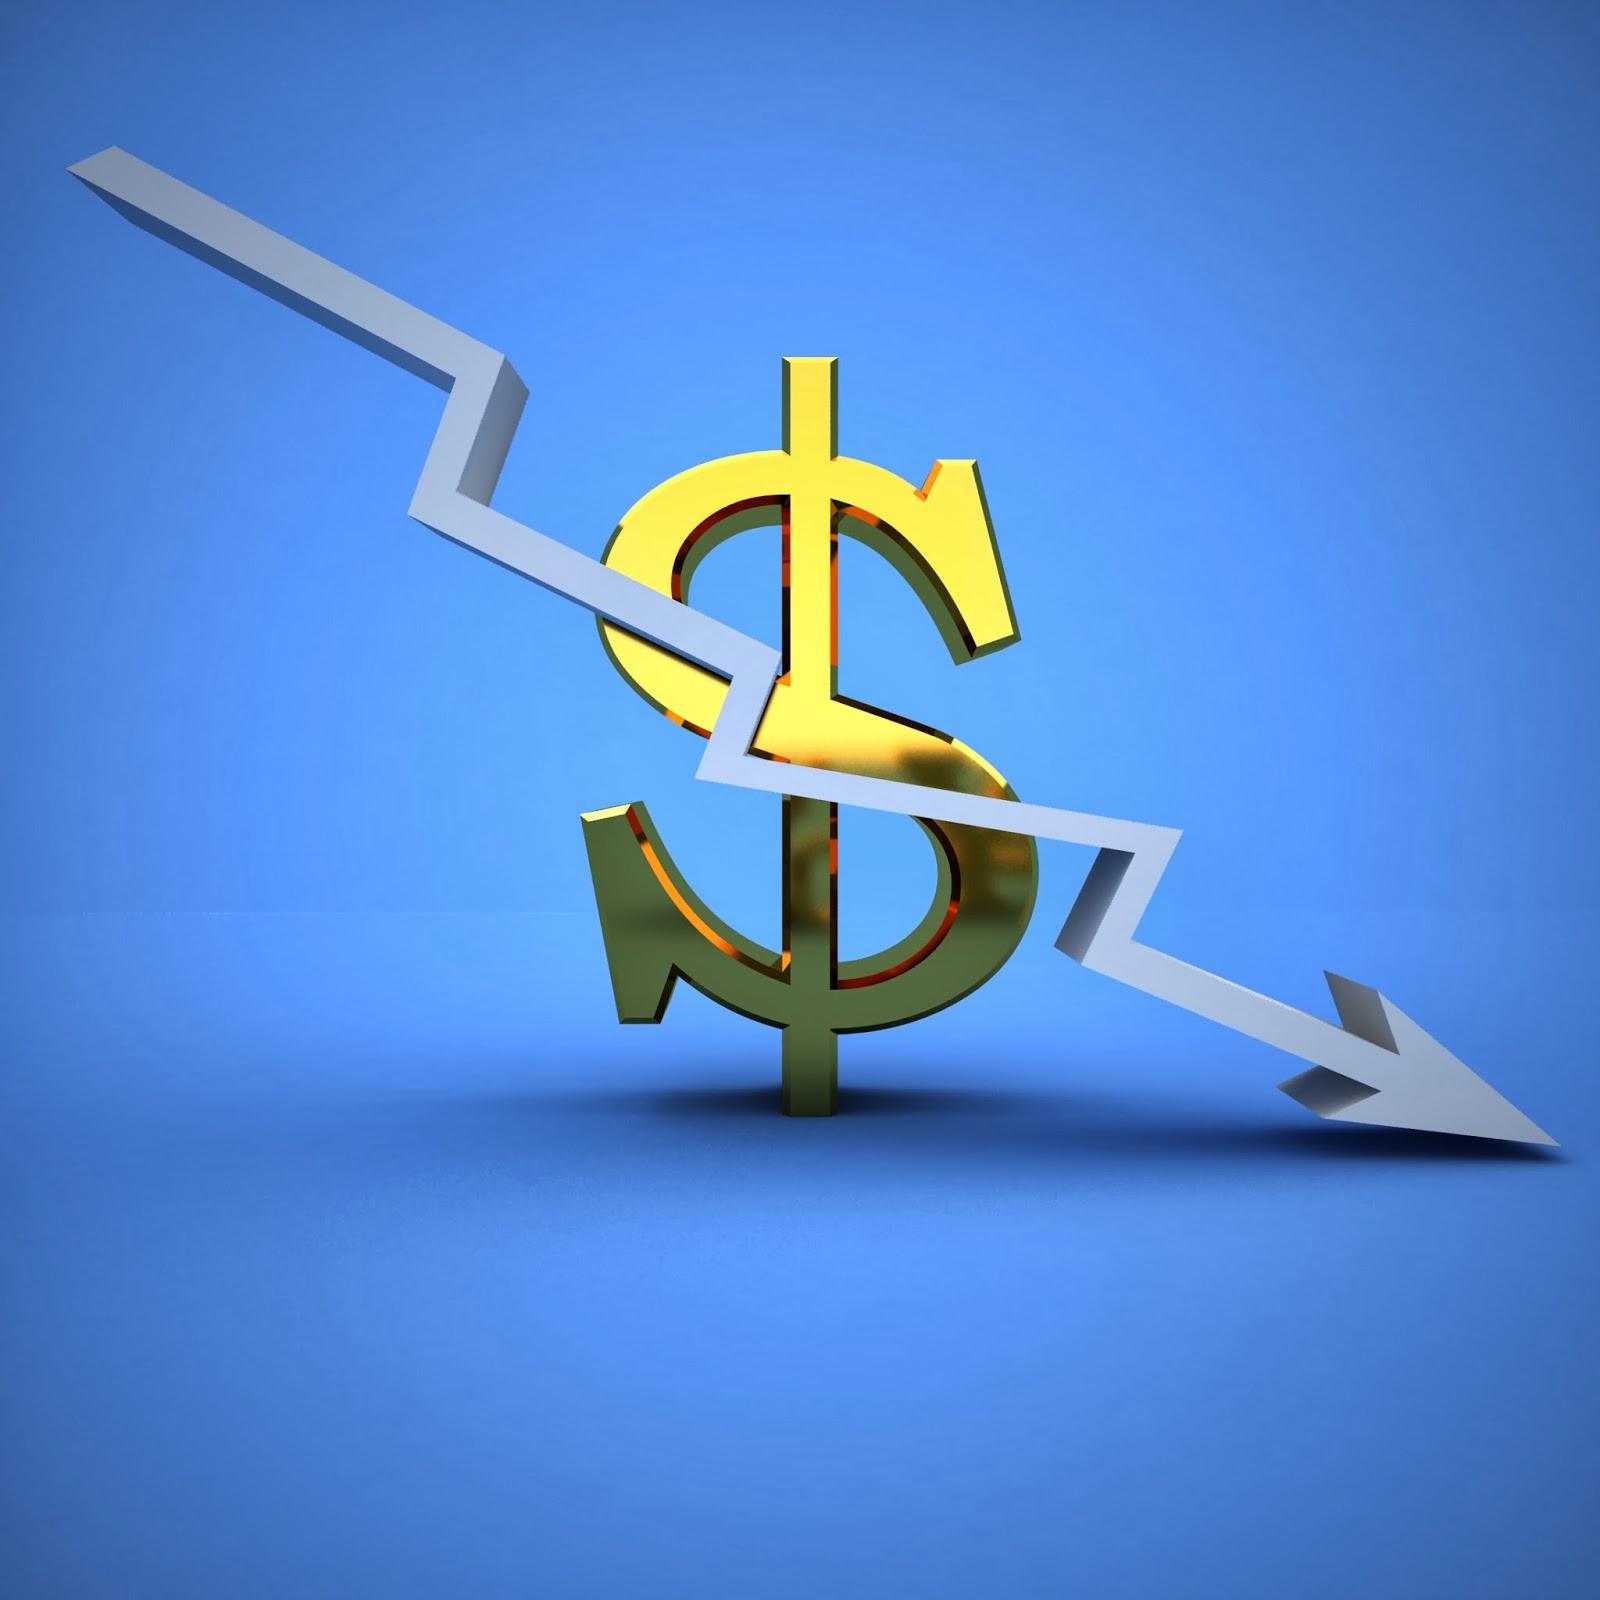 Угроза дефолта украины: каковы шансы и к чему может привести банкротство